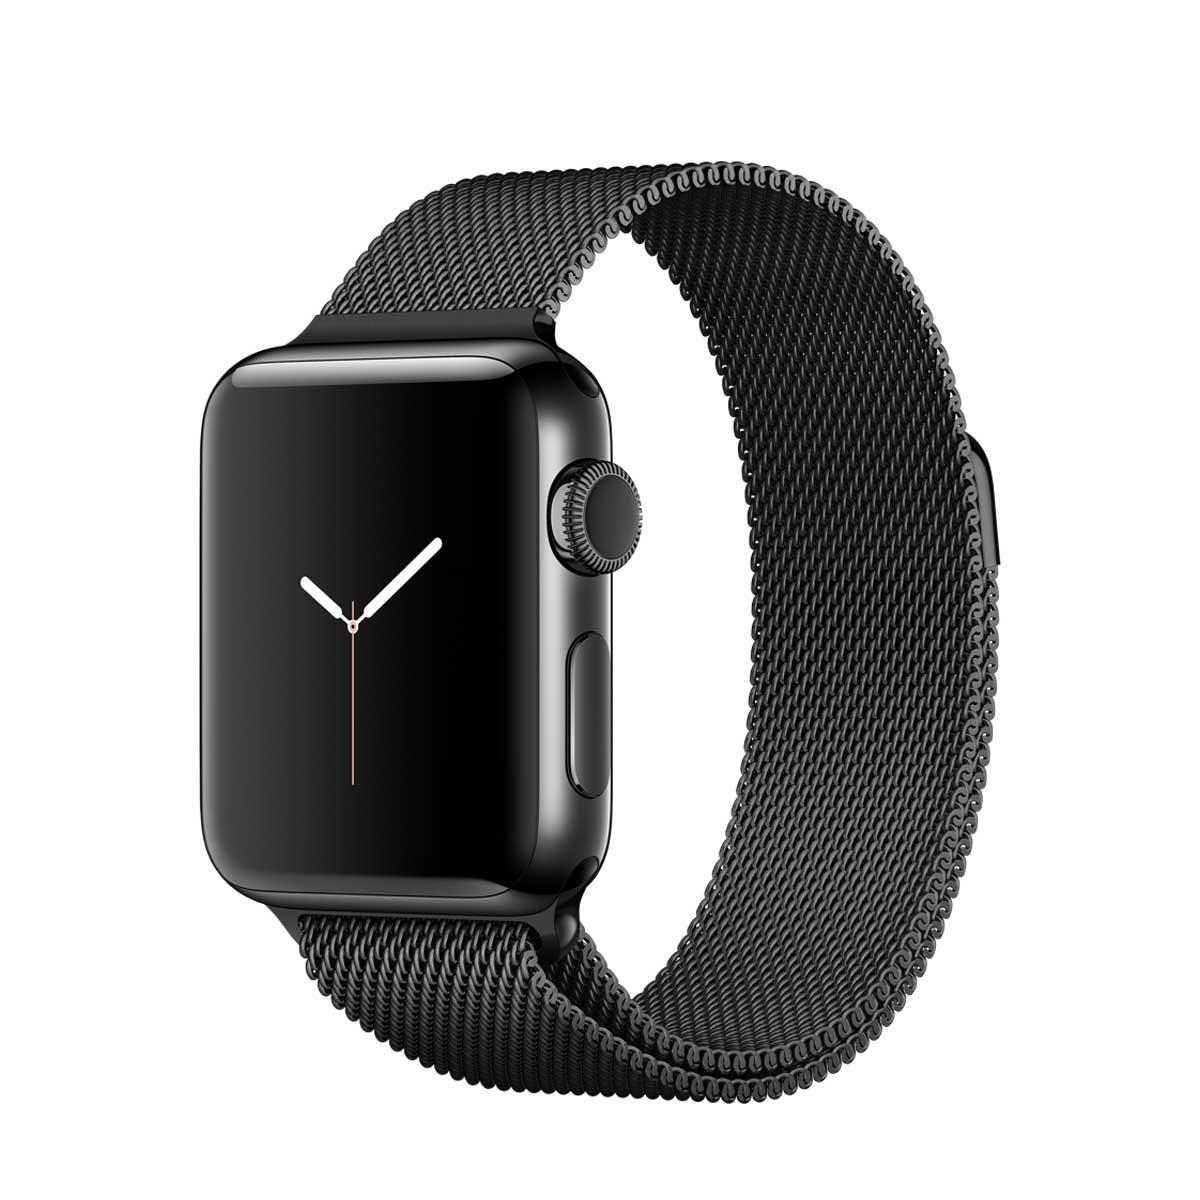 Apple Watch Series 2 - 38mm Space Black Stainless Steel Case sa Space Black Milanese Loop